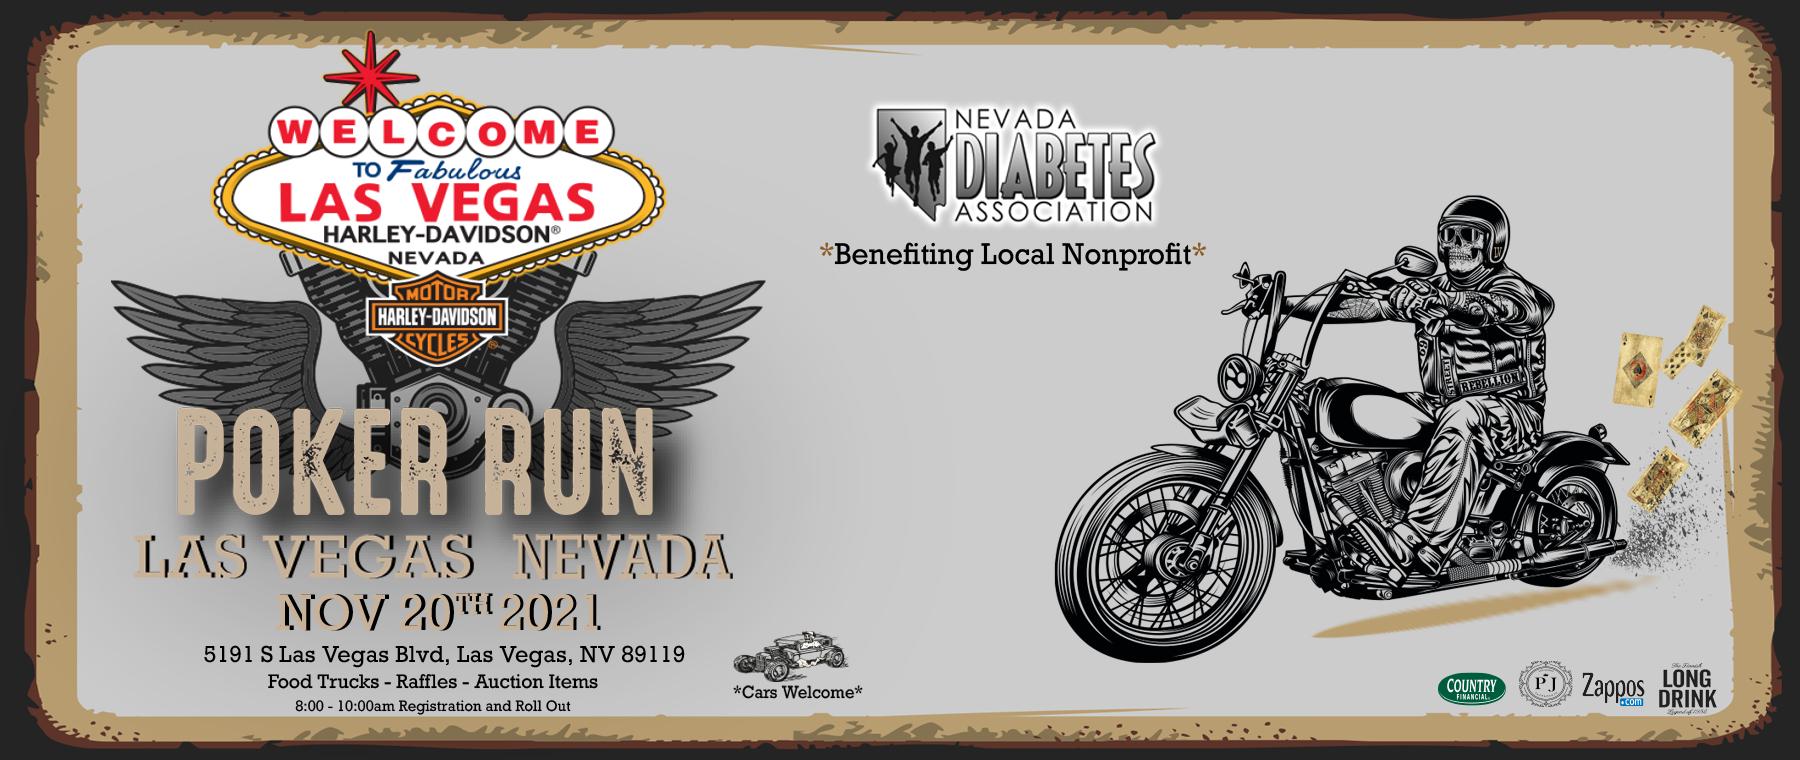 NDA Poker Run Harley Web 1800×760